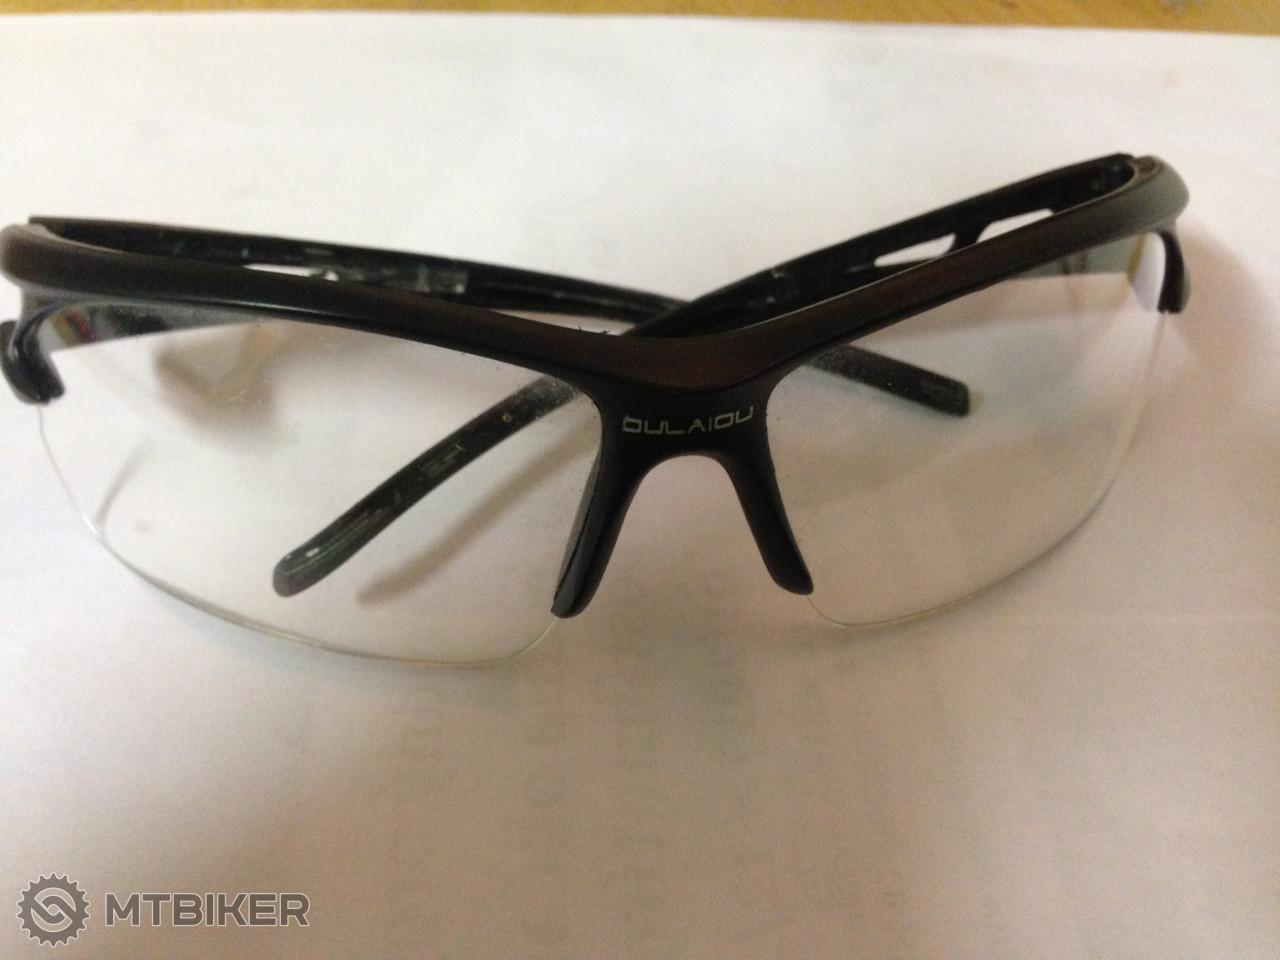 68c41ff61 Športové Okuliare Na Bike 2,50€ S Poštou - Príslušenstvo - Okuliare - Bazár  MTBIKER